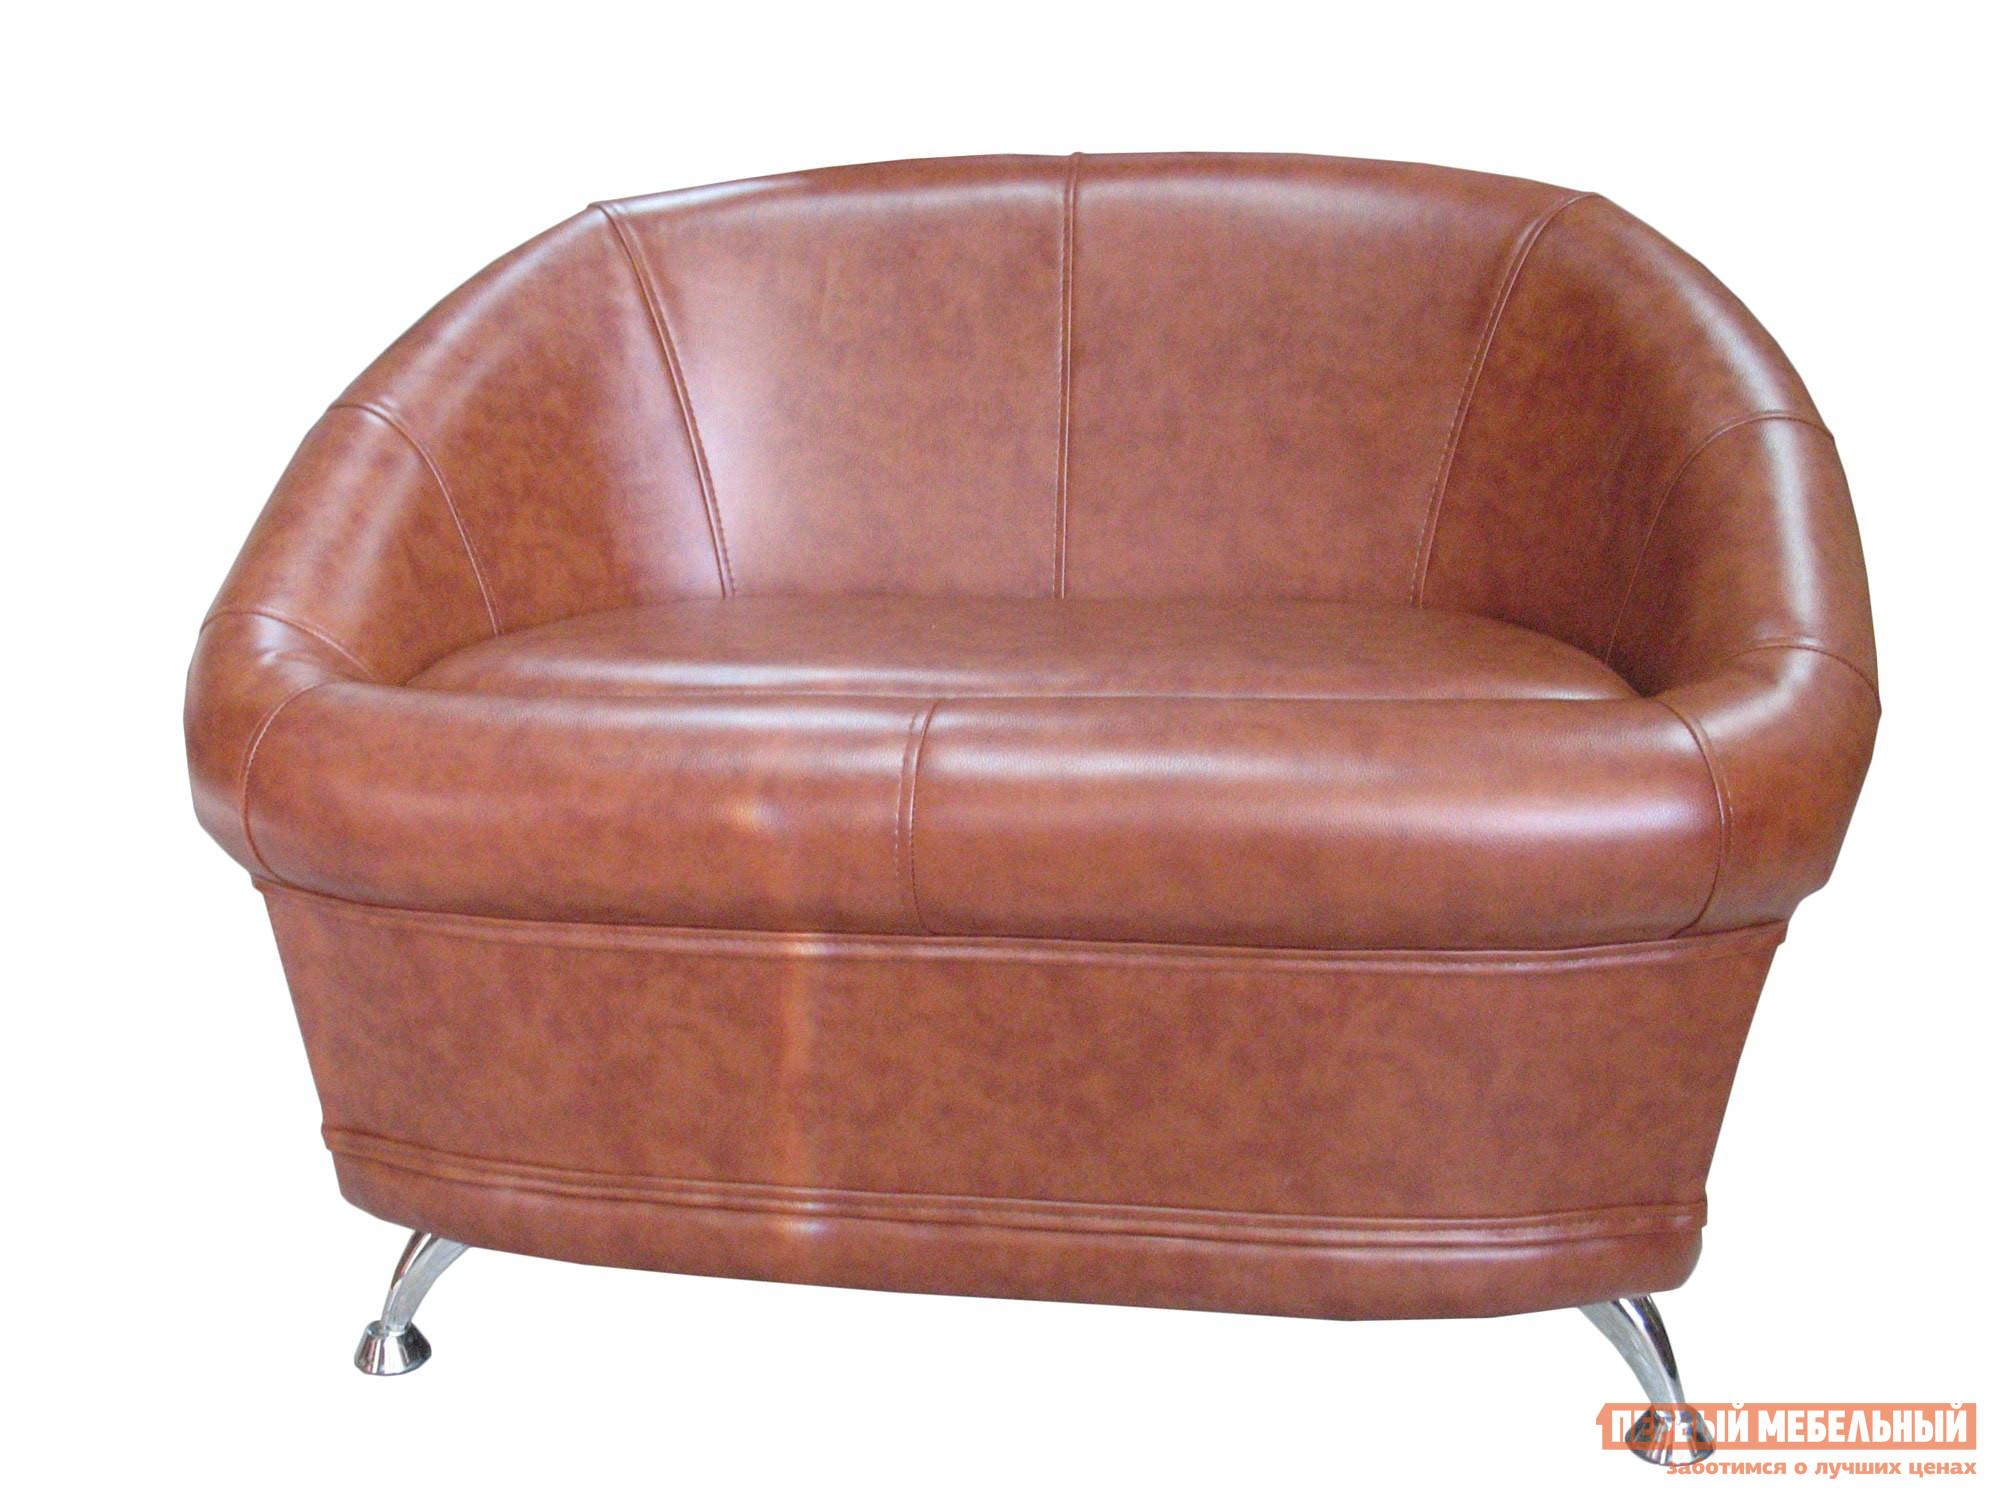 Банкетка Гранд Кволити 6-5154 Коричневая иск. кожа